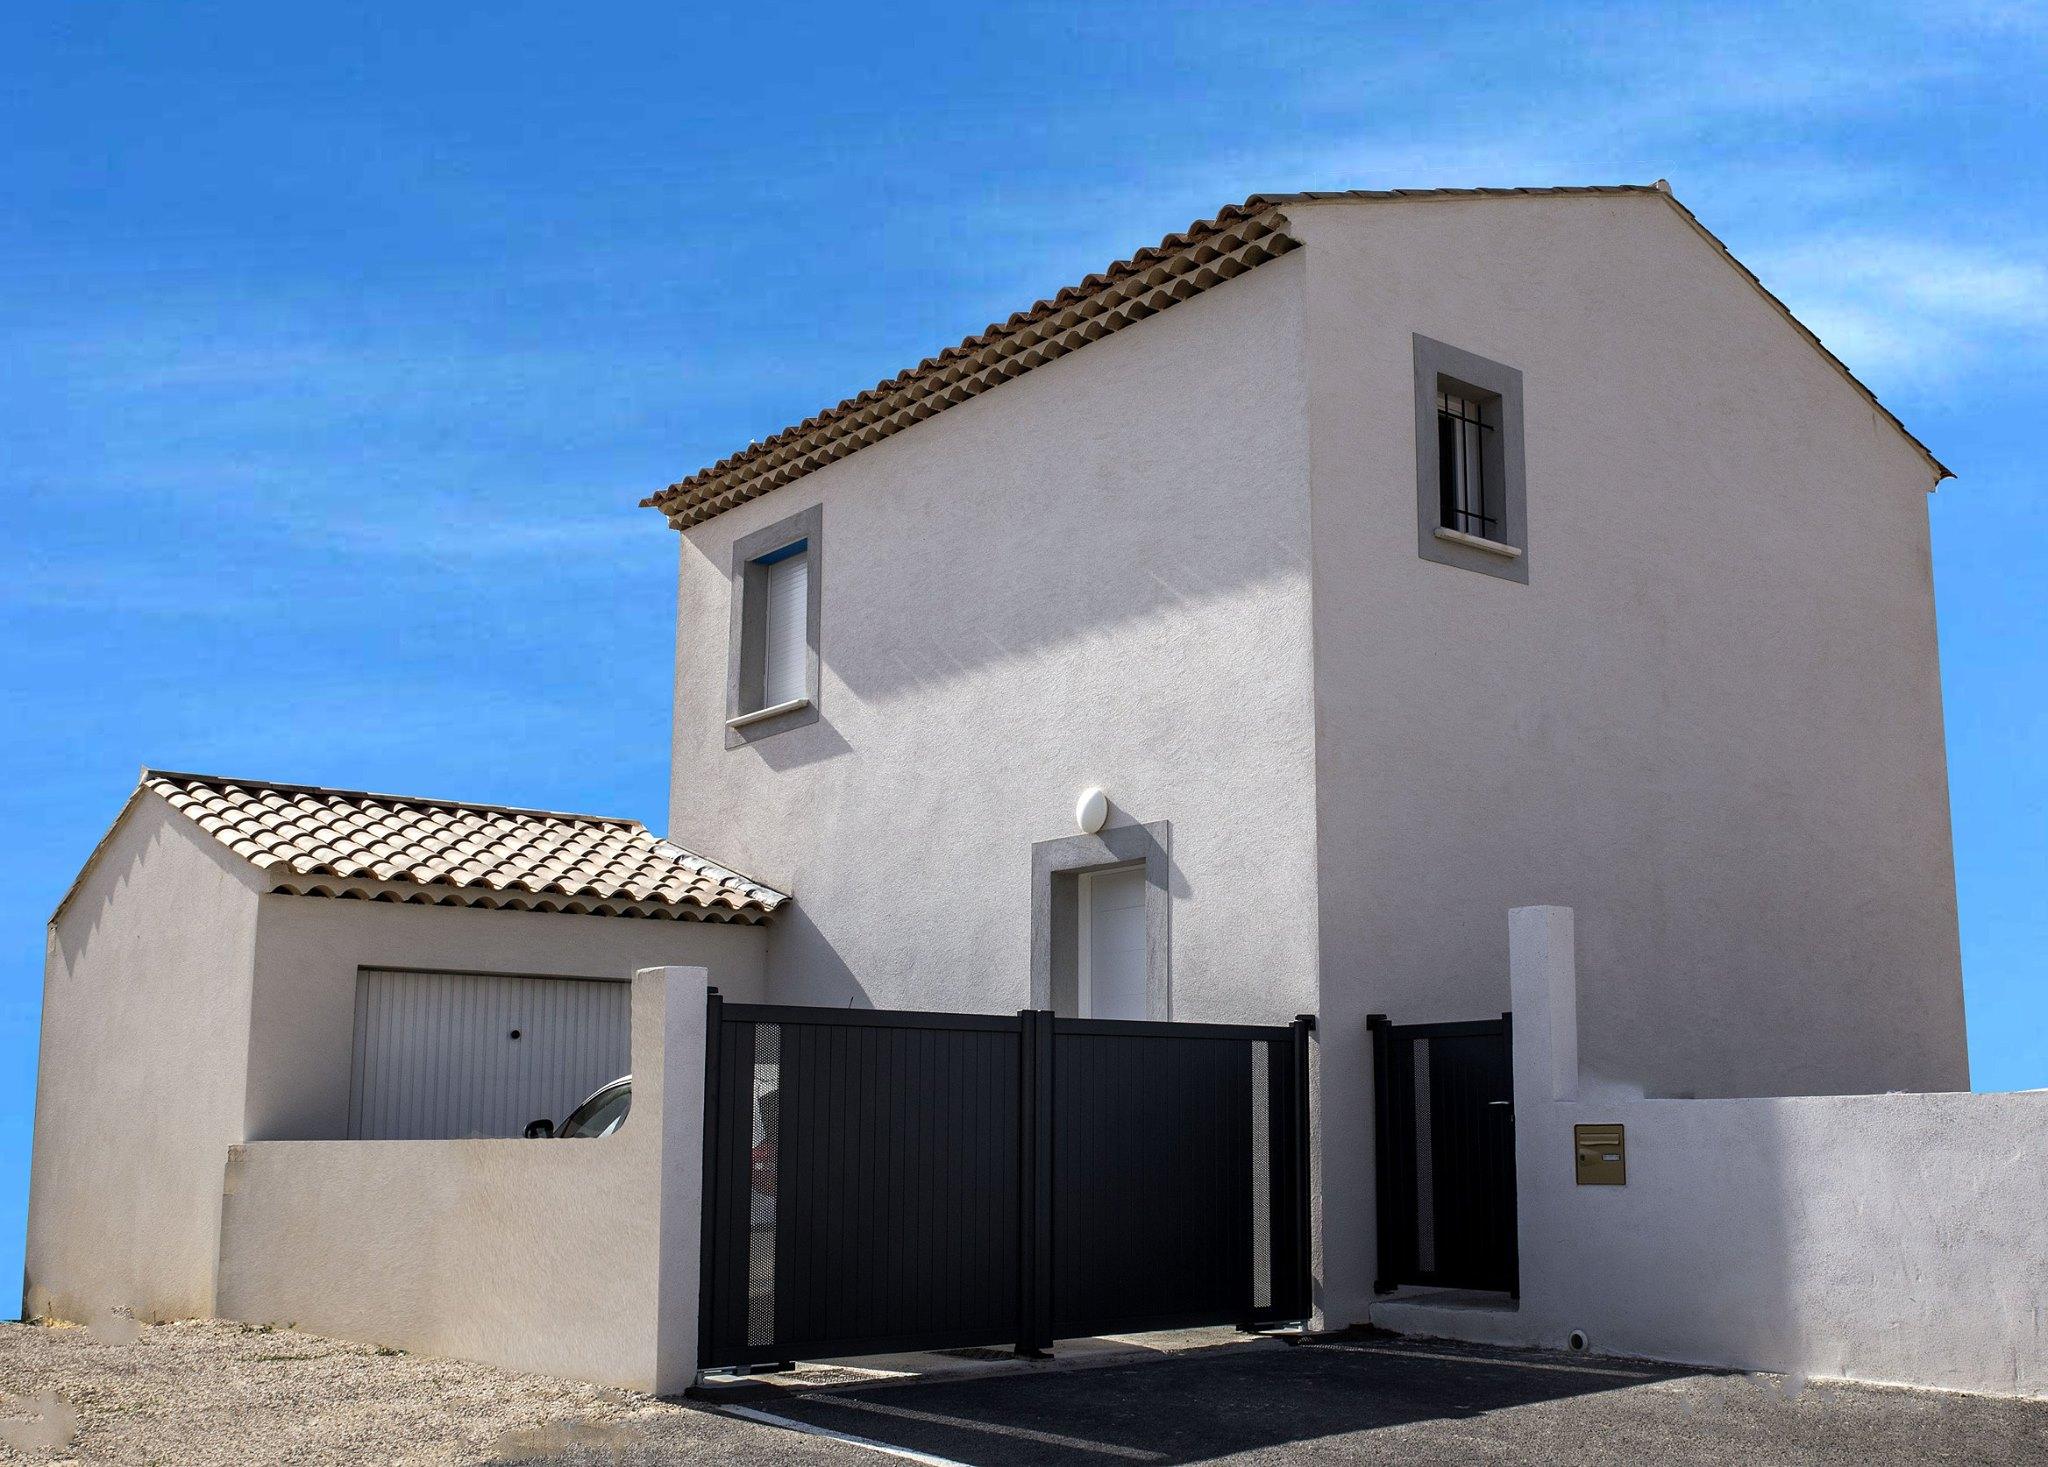 Maisons + Terrains du constructeur VILLADIRECT LE PONTET • 80 m² • CHATEAUNEUF DE GADAGNE